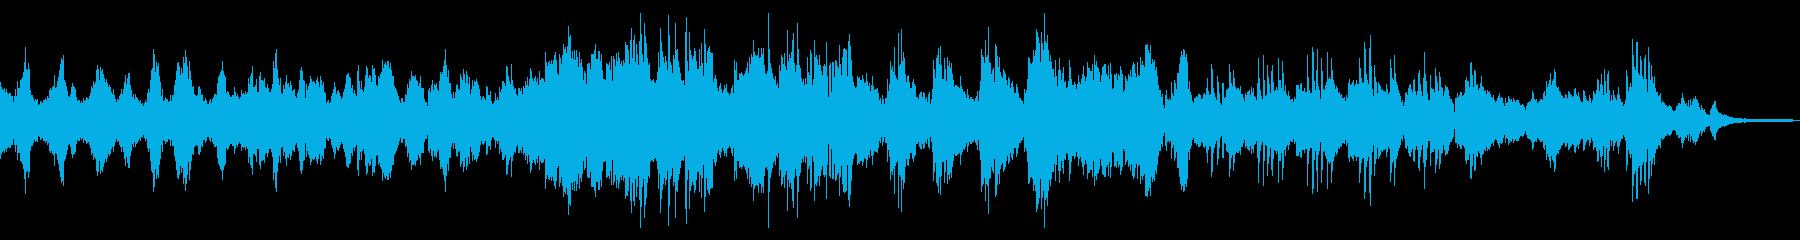 花吹雪/ドラマチックな和風ピアノ23の再生済みの波形